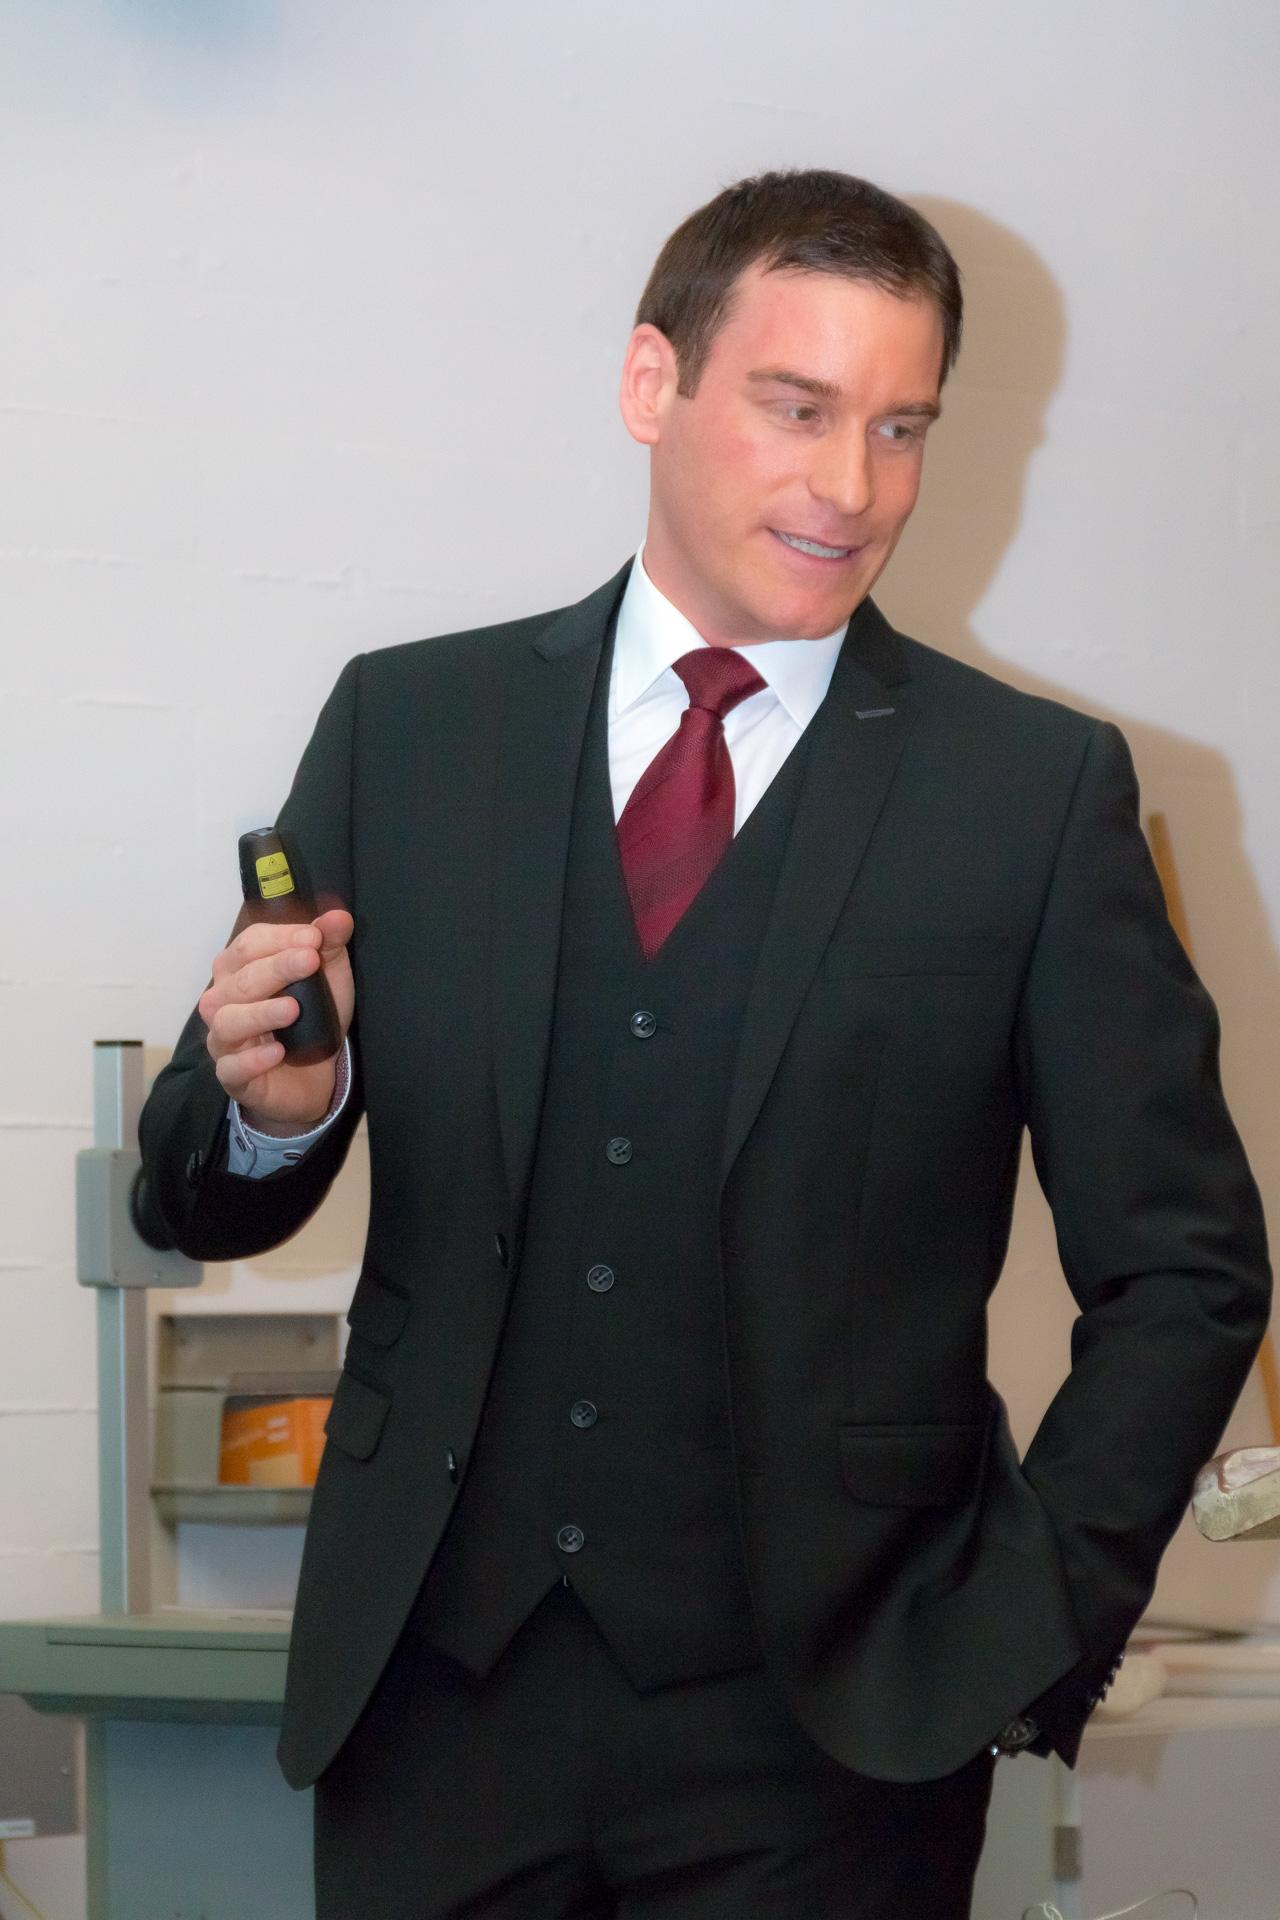 Dr. Florian Eder ist Rechtsanwalt in Freilassing. Bei seiner Arbeit hat er viel mit Schleusern zu tun.